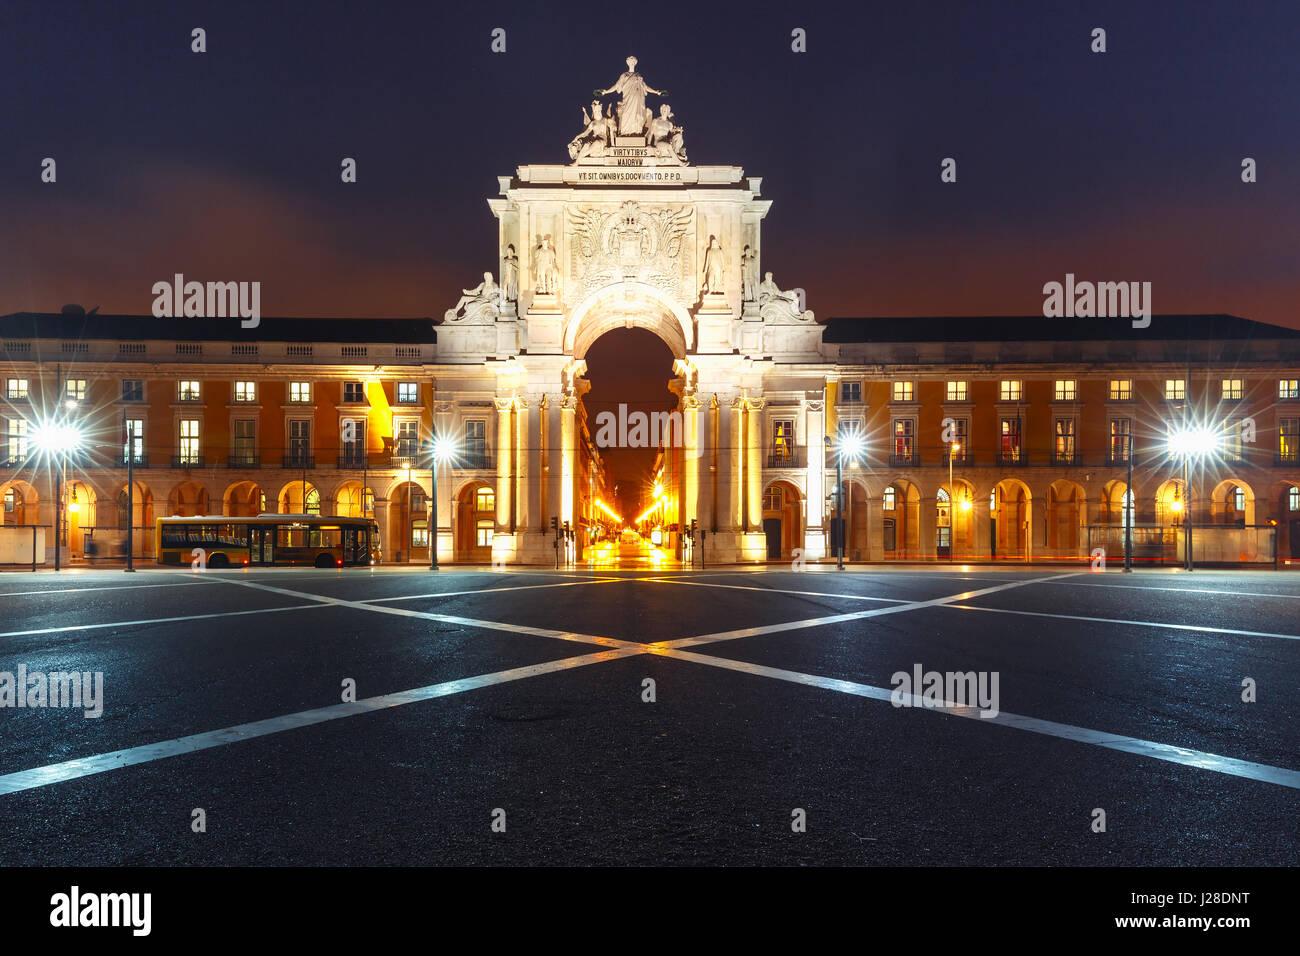 La nuit, Place du Commerce à Lisbonne, Portugal Banque D'Images